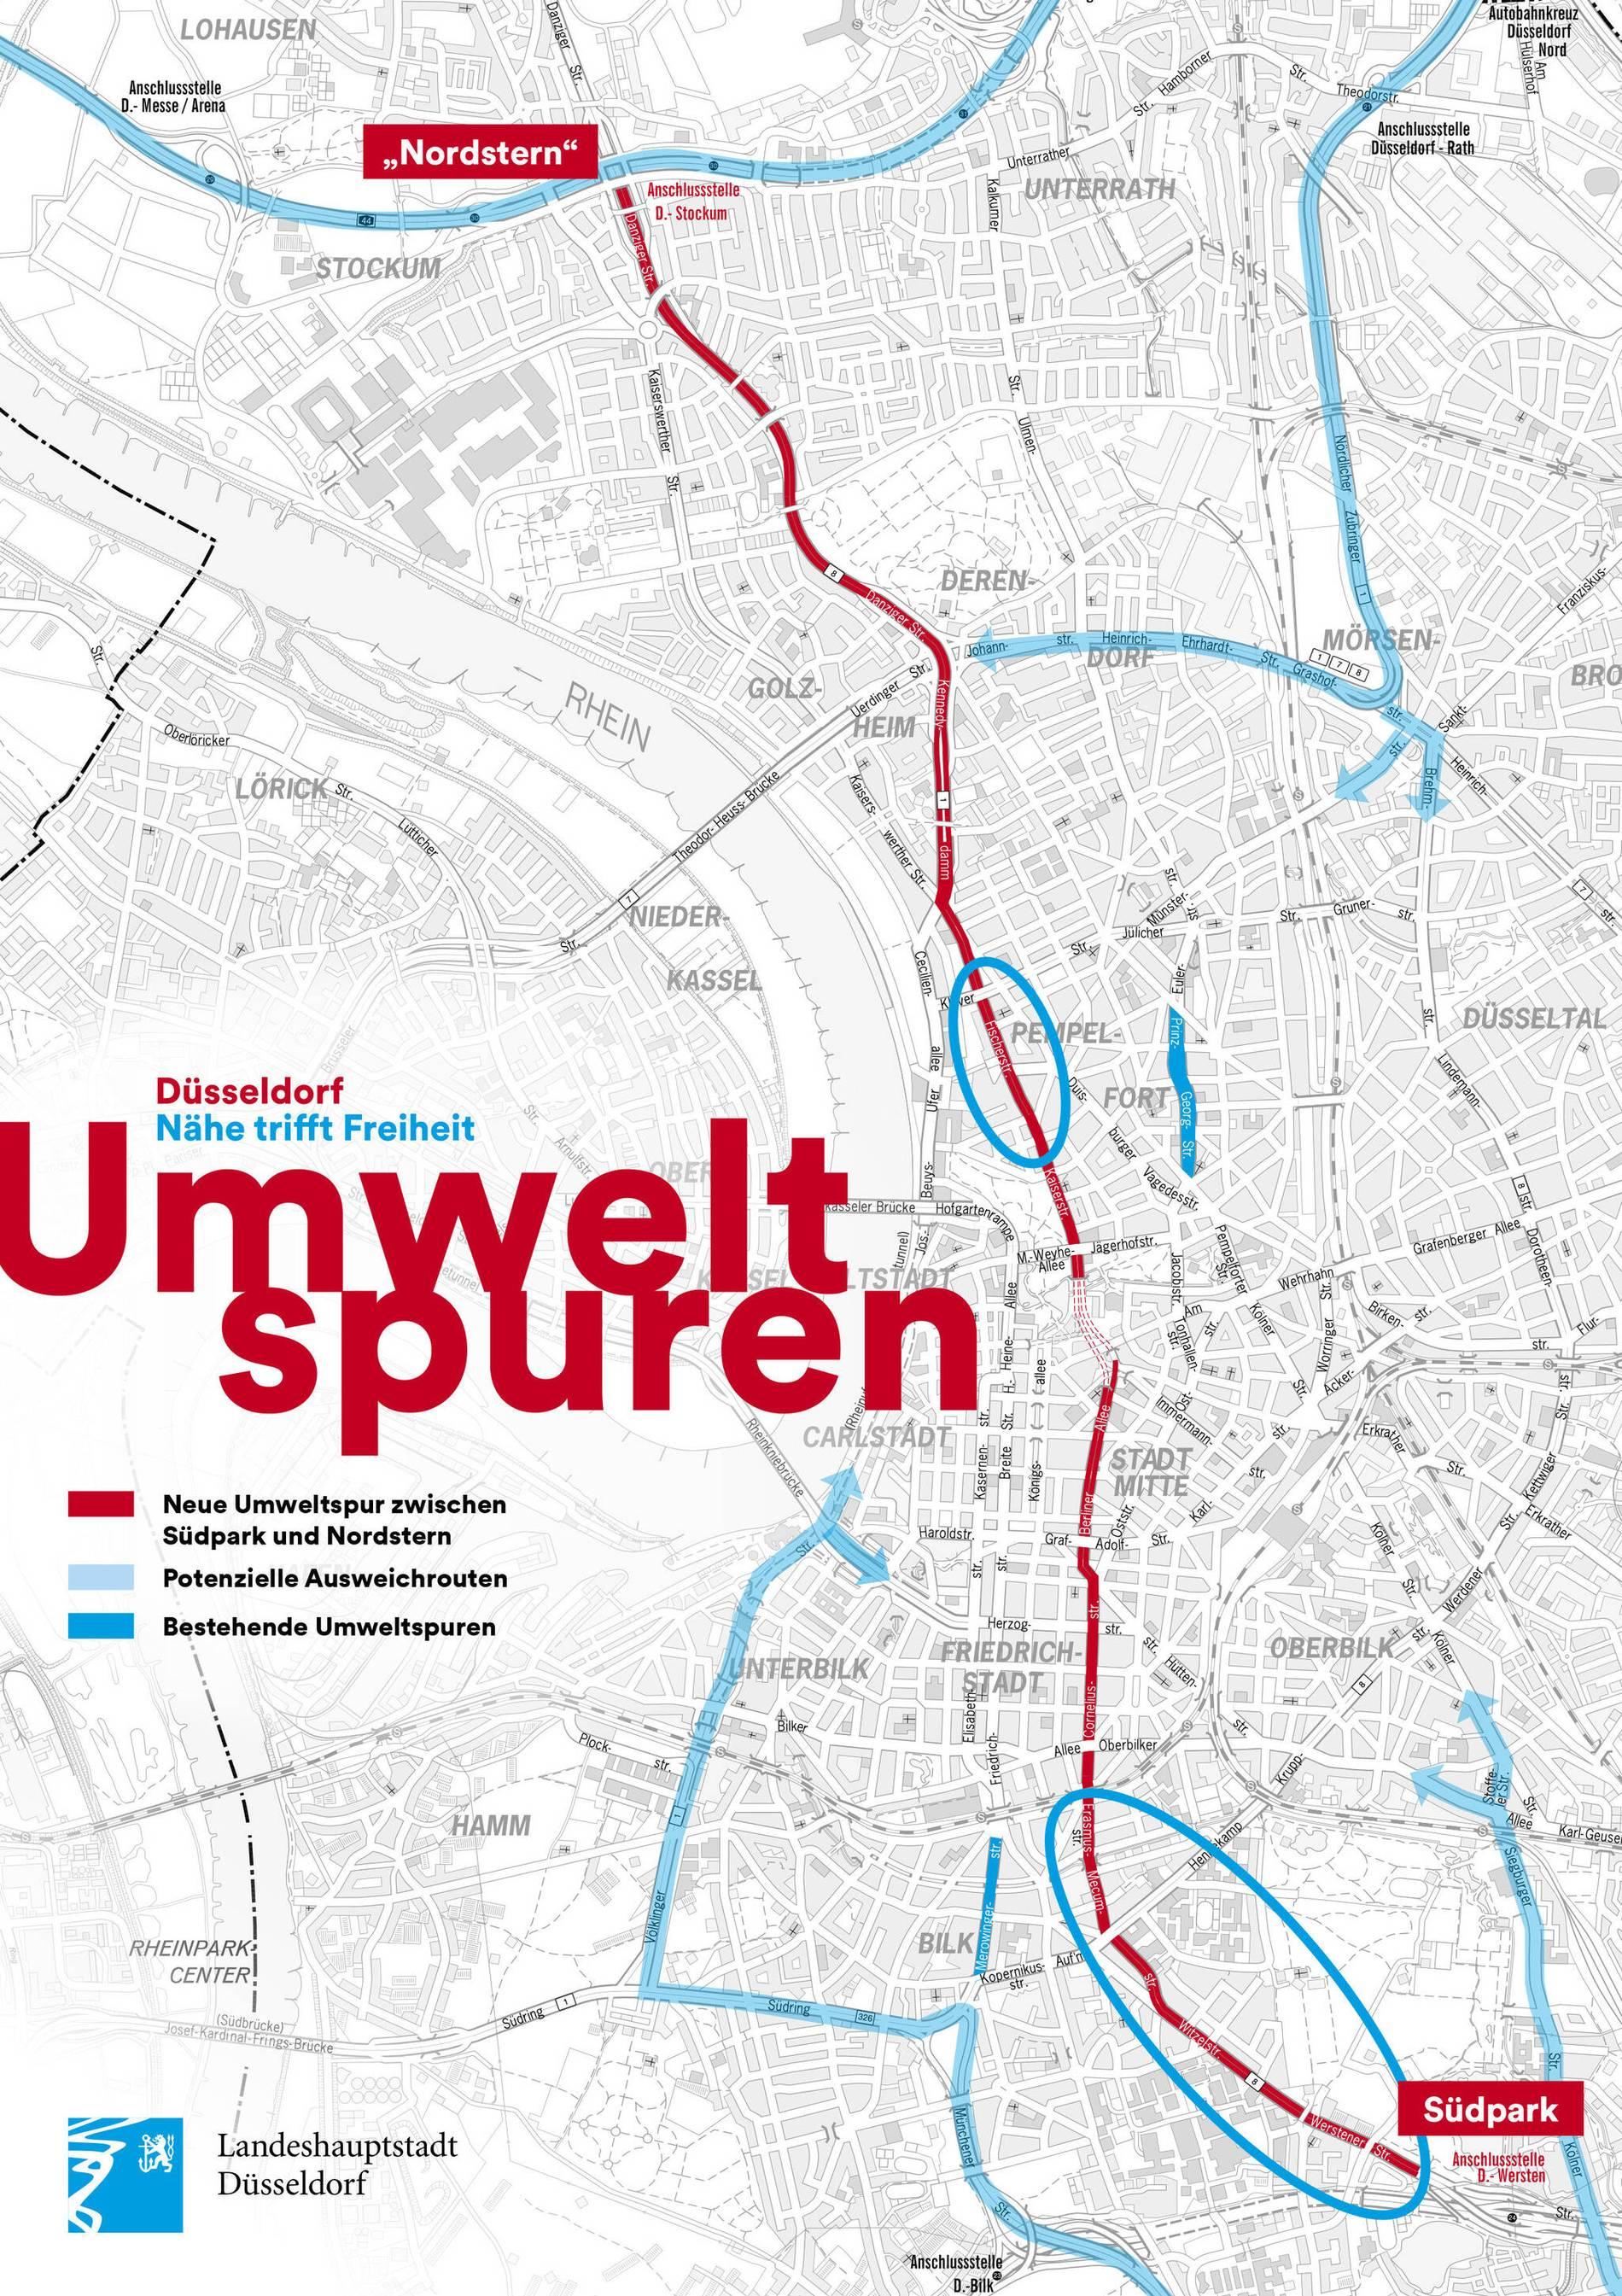 Umweltspur Düsseldorf